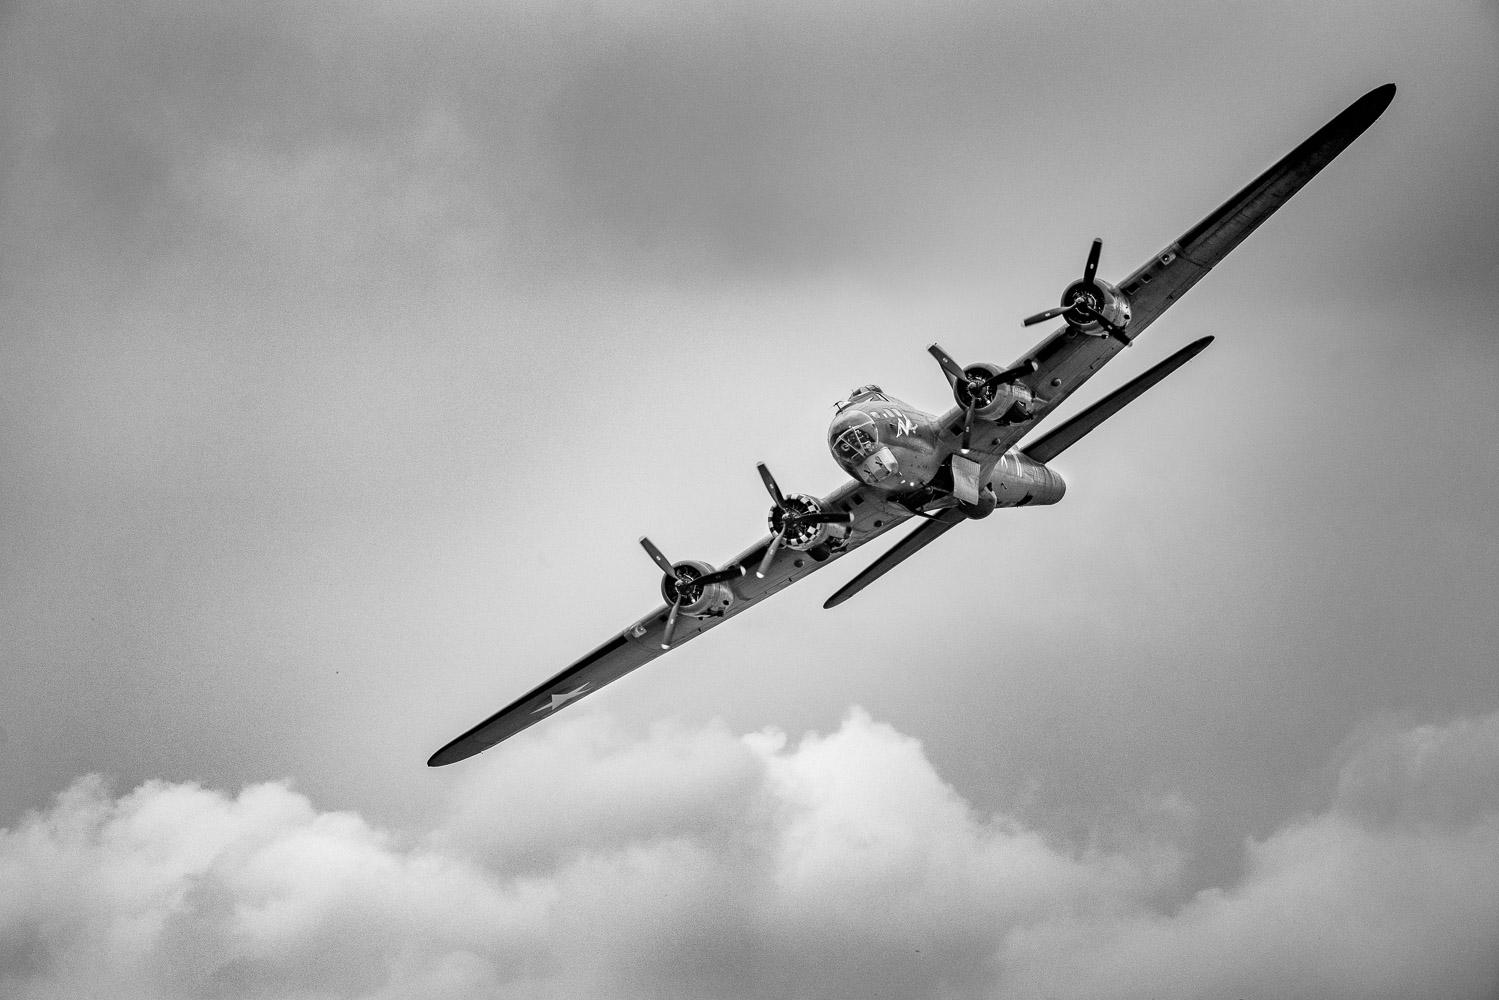 flying-fortress-roskilde-3.jpg